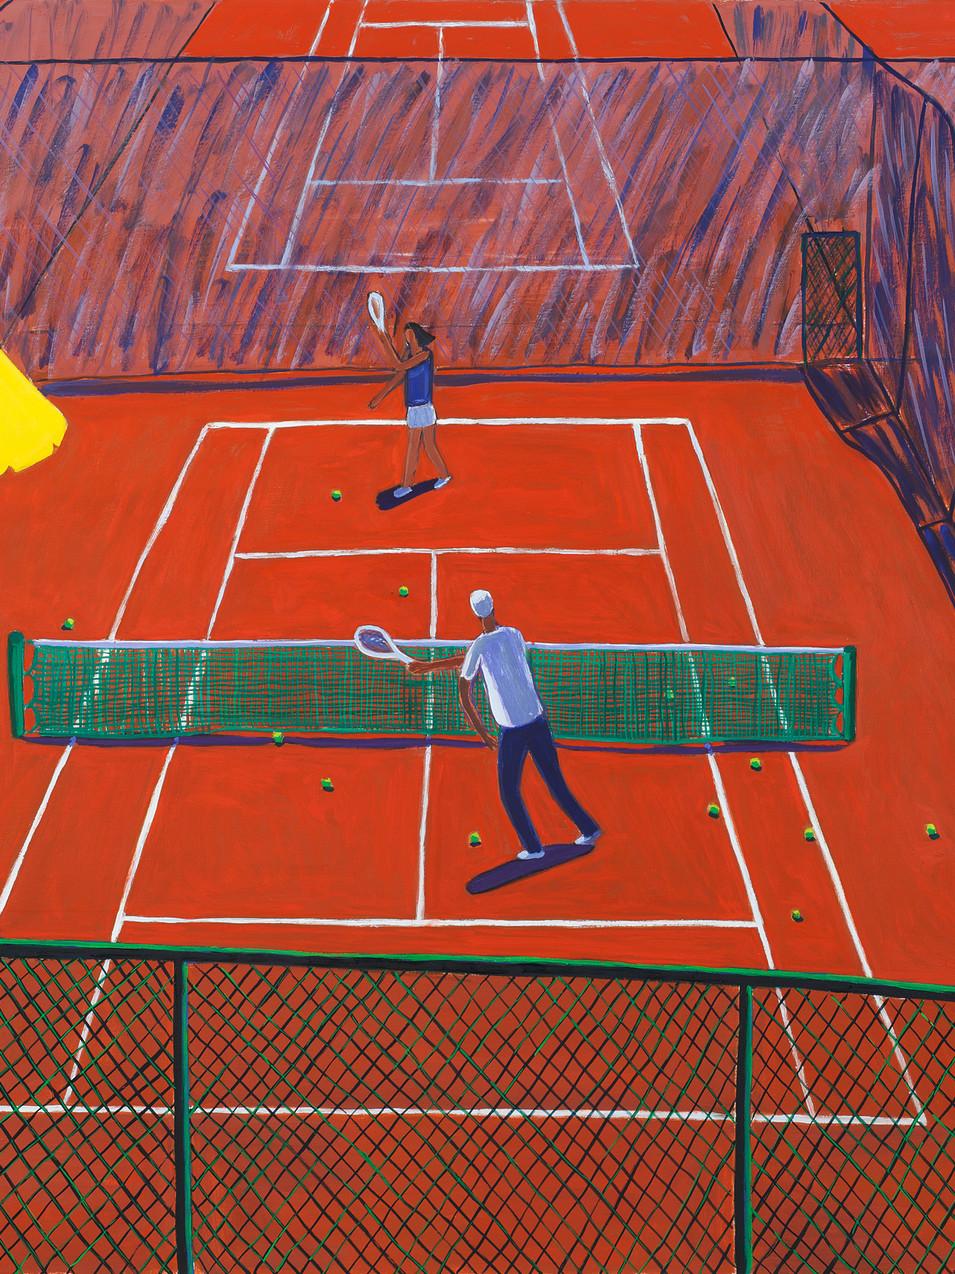 Gudrun Petersdorff | Übungsstunde | 2009 | Öl auf Leinwand | 110 x 100 cm | Foto Christoph Sandig | 4800 Euro